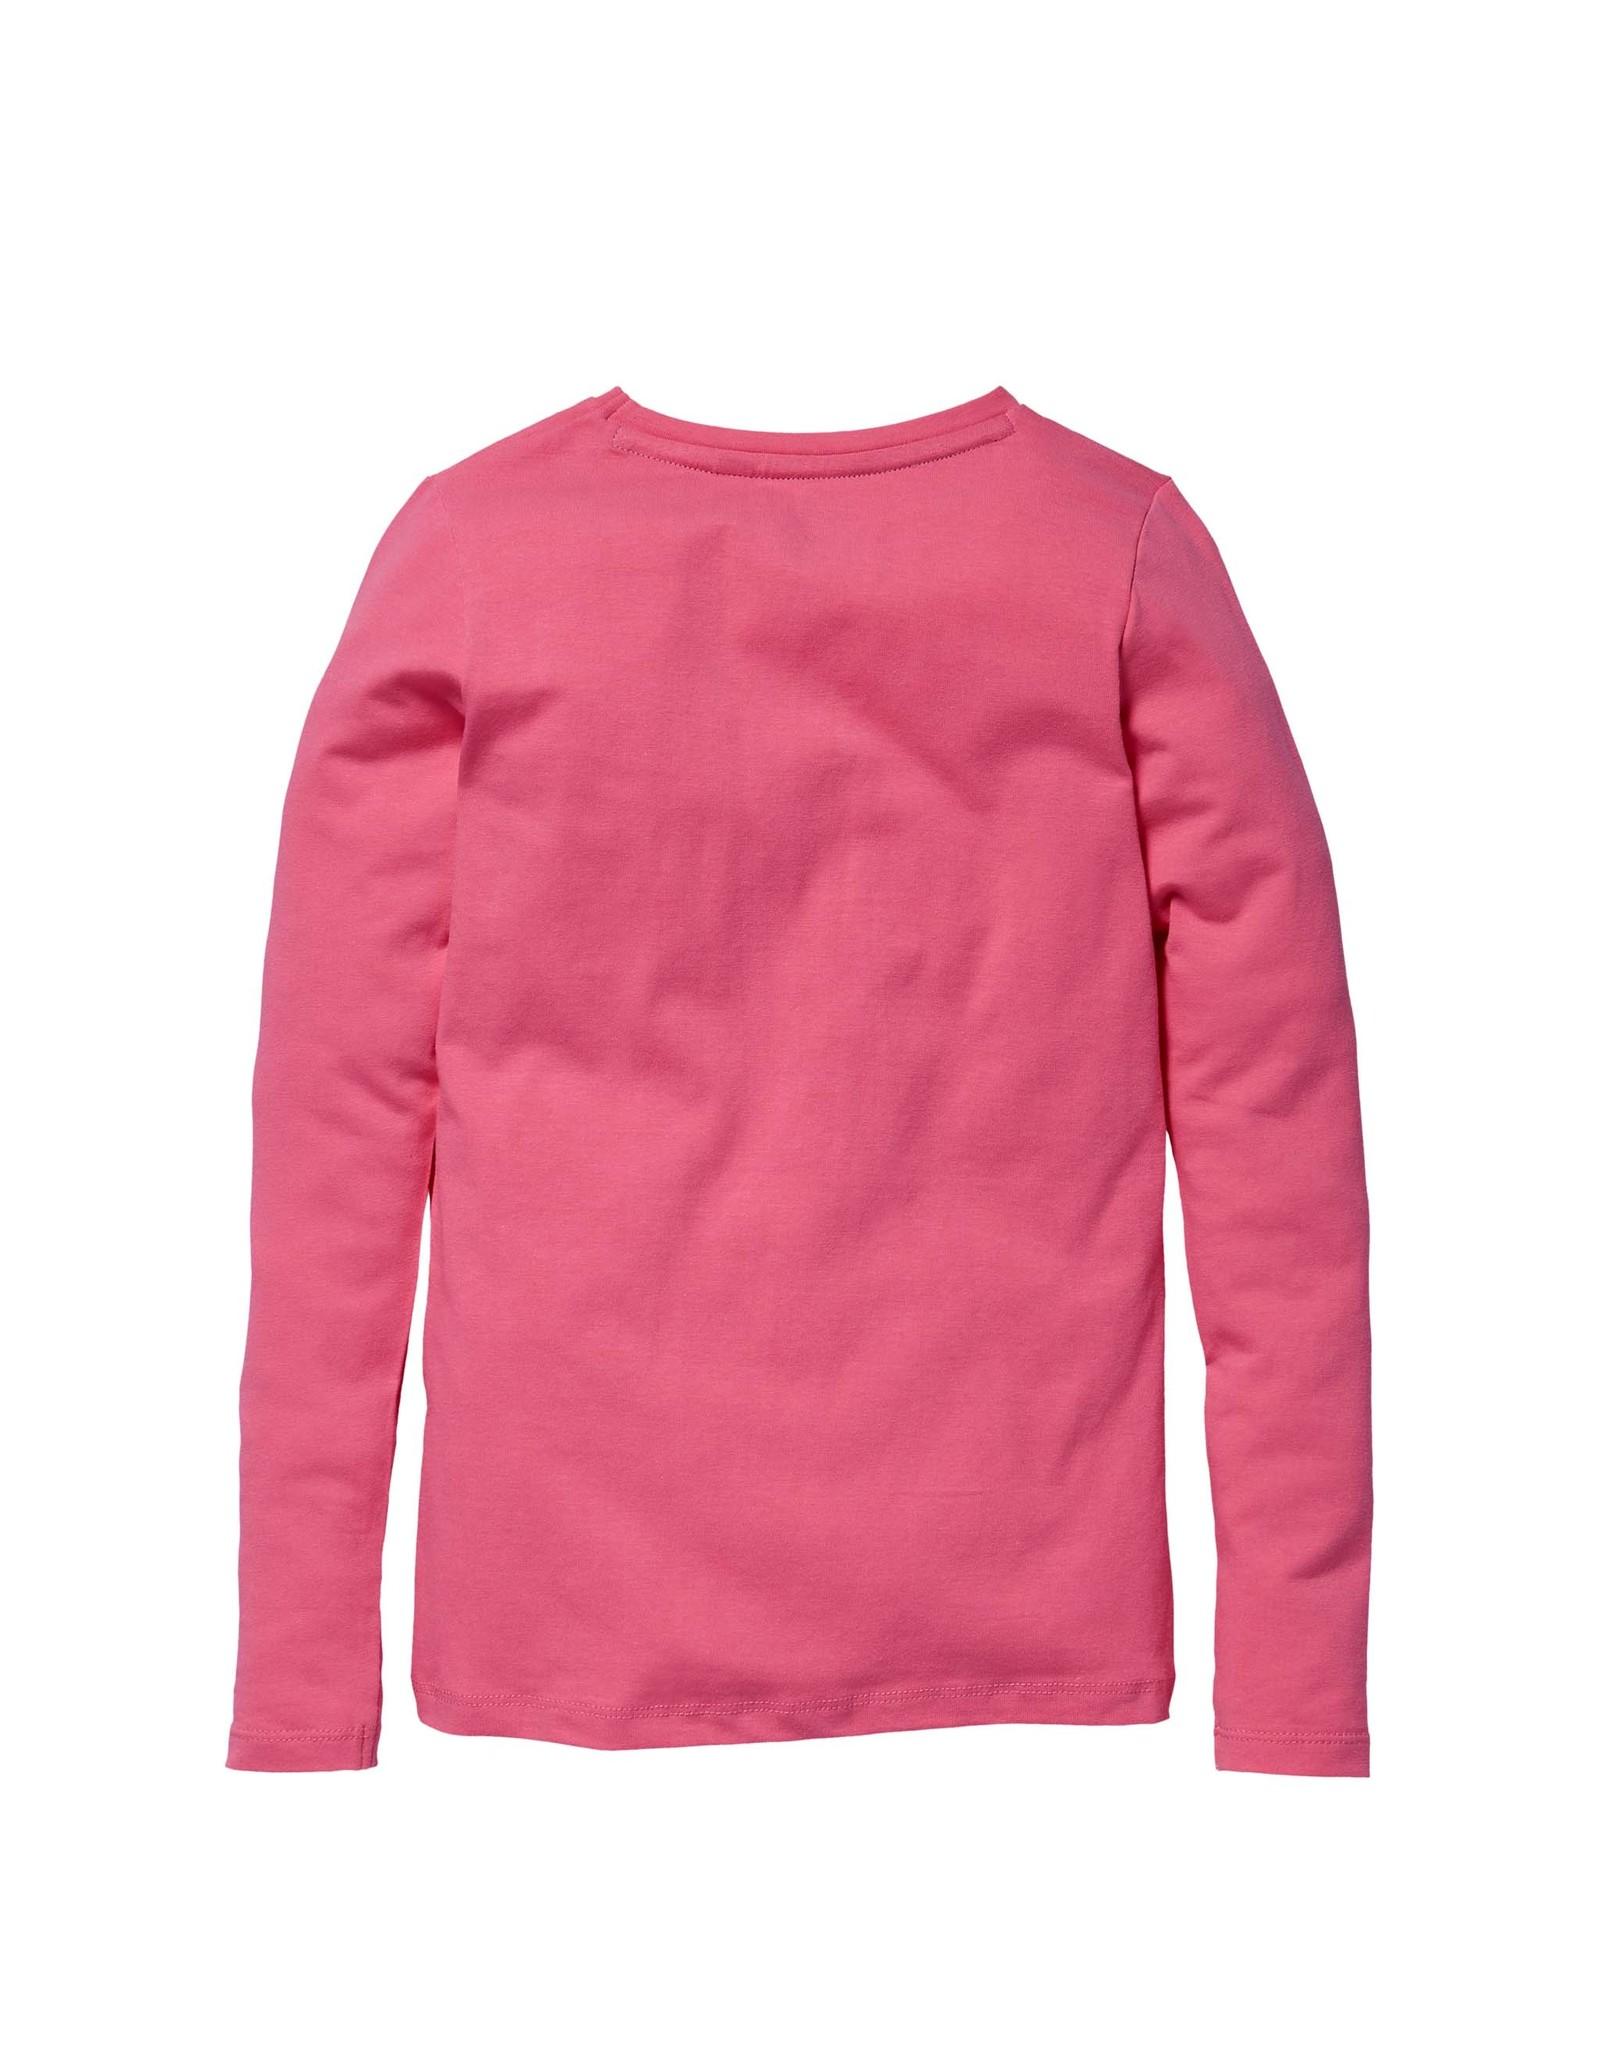 Quapi Quapi longsleeve Karly pink candy